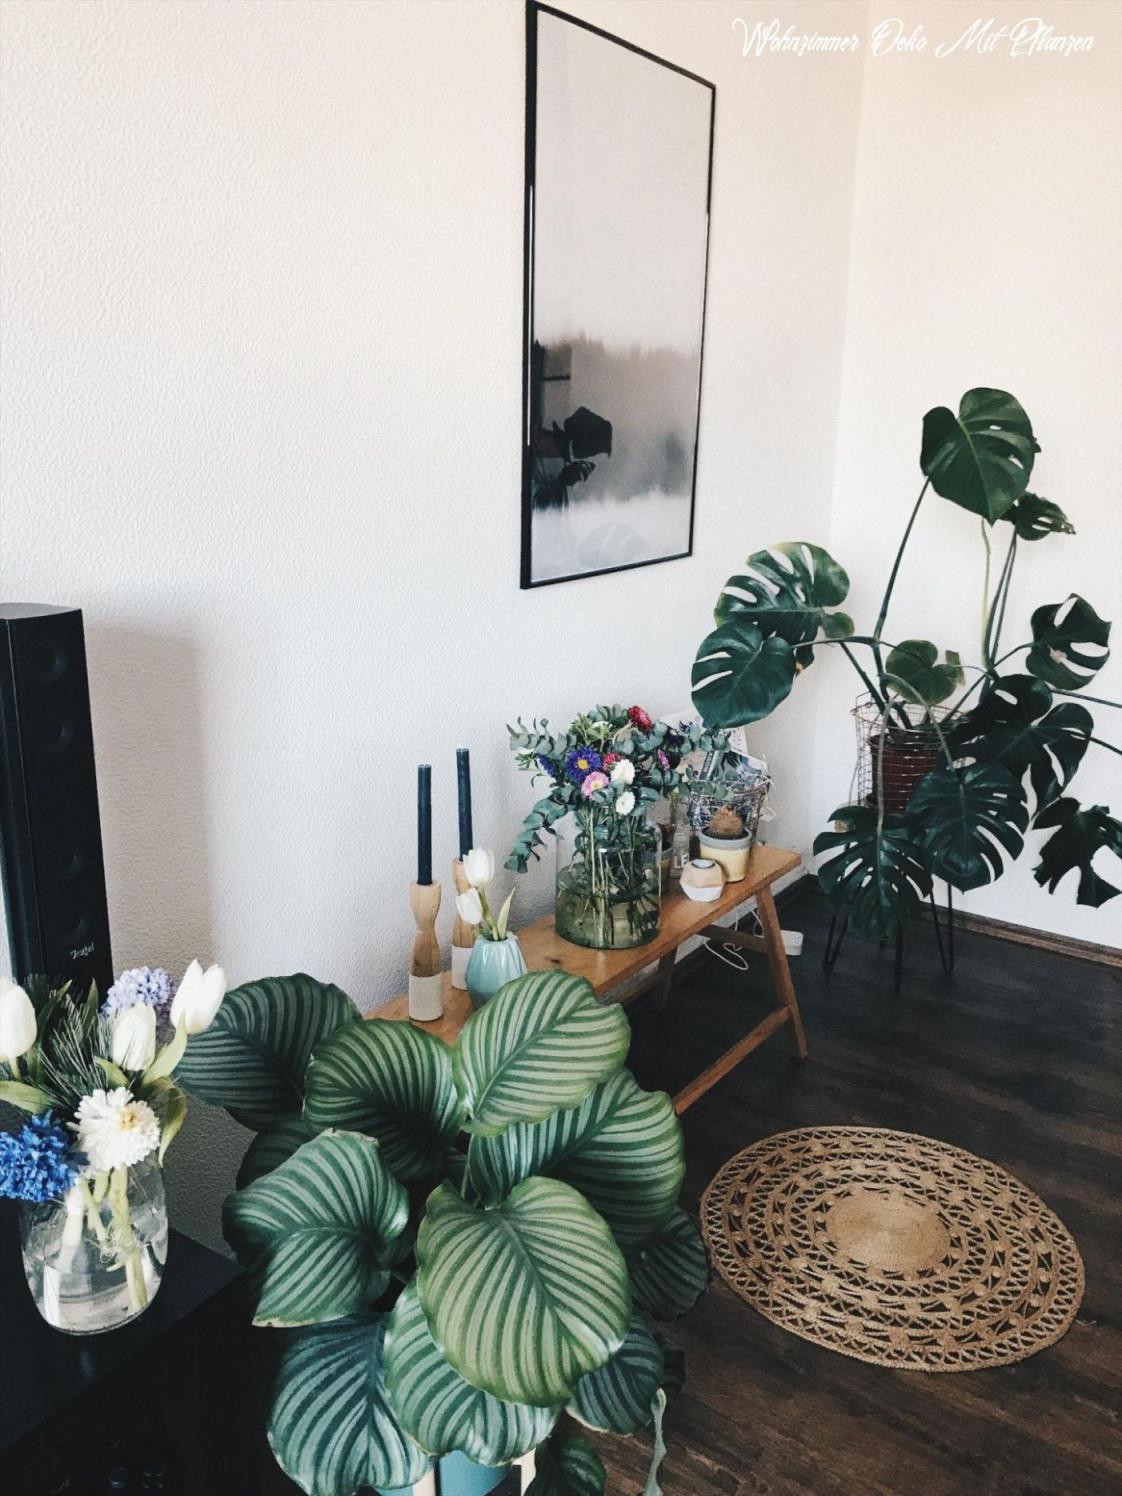 Die Ultimative Offenbarung Von Wohnzimmer Deko Mit Pflanzen von Wohnzimmer Pflanzen Deko Photo